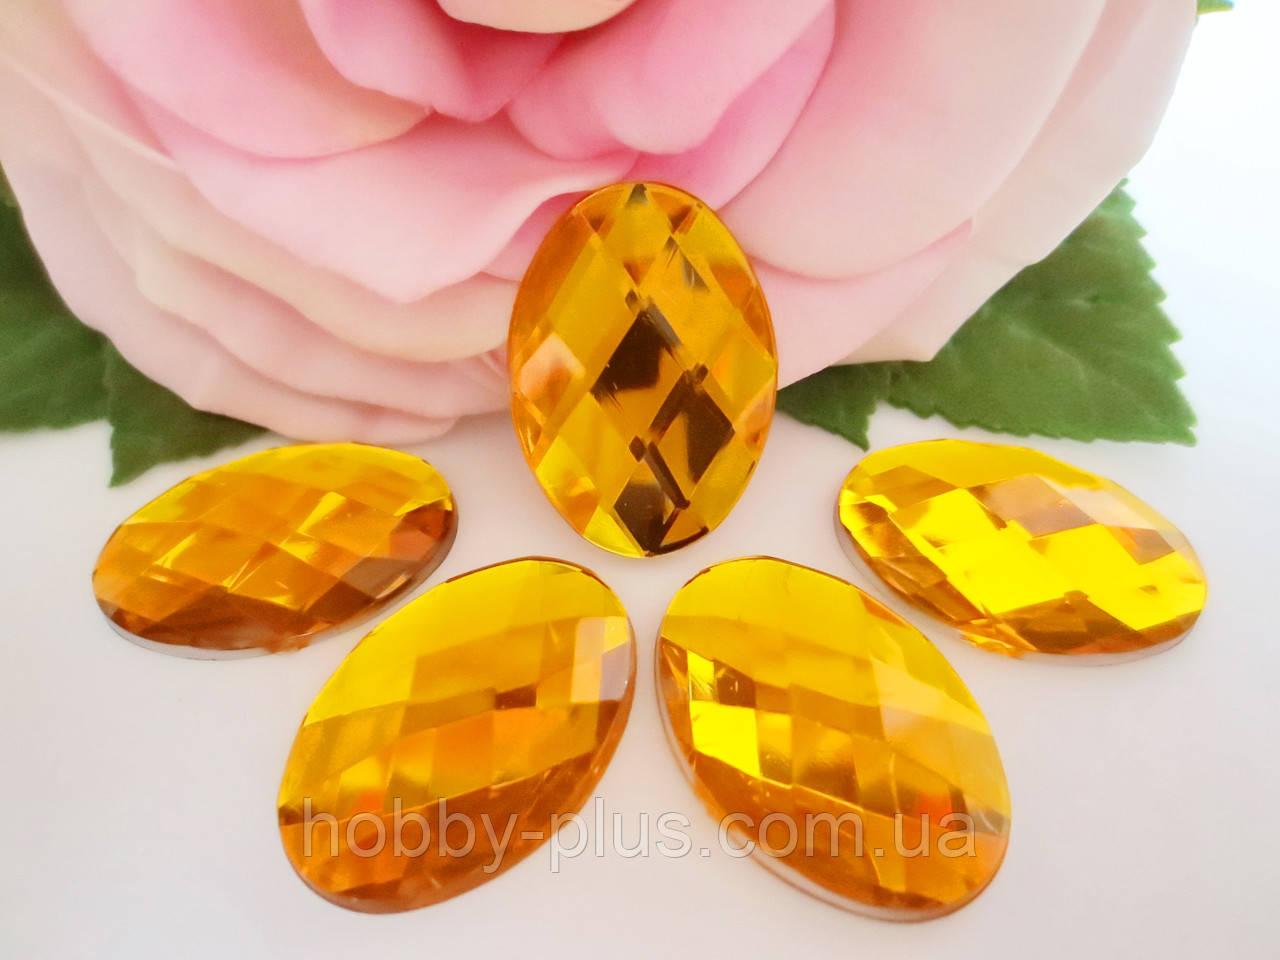 Камень клеевой, 18х25 мм, цвет желтый